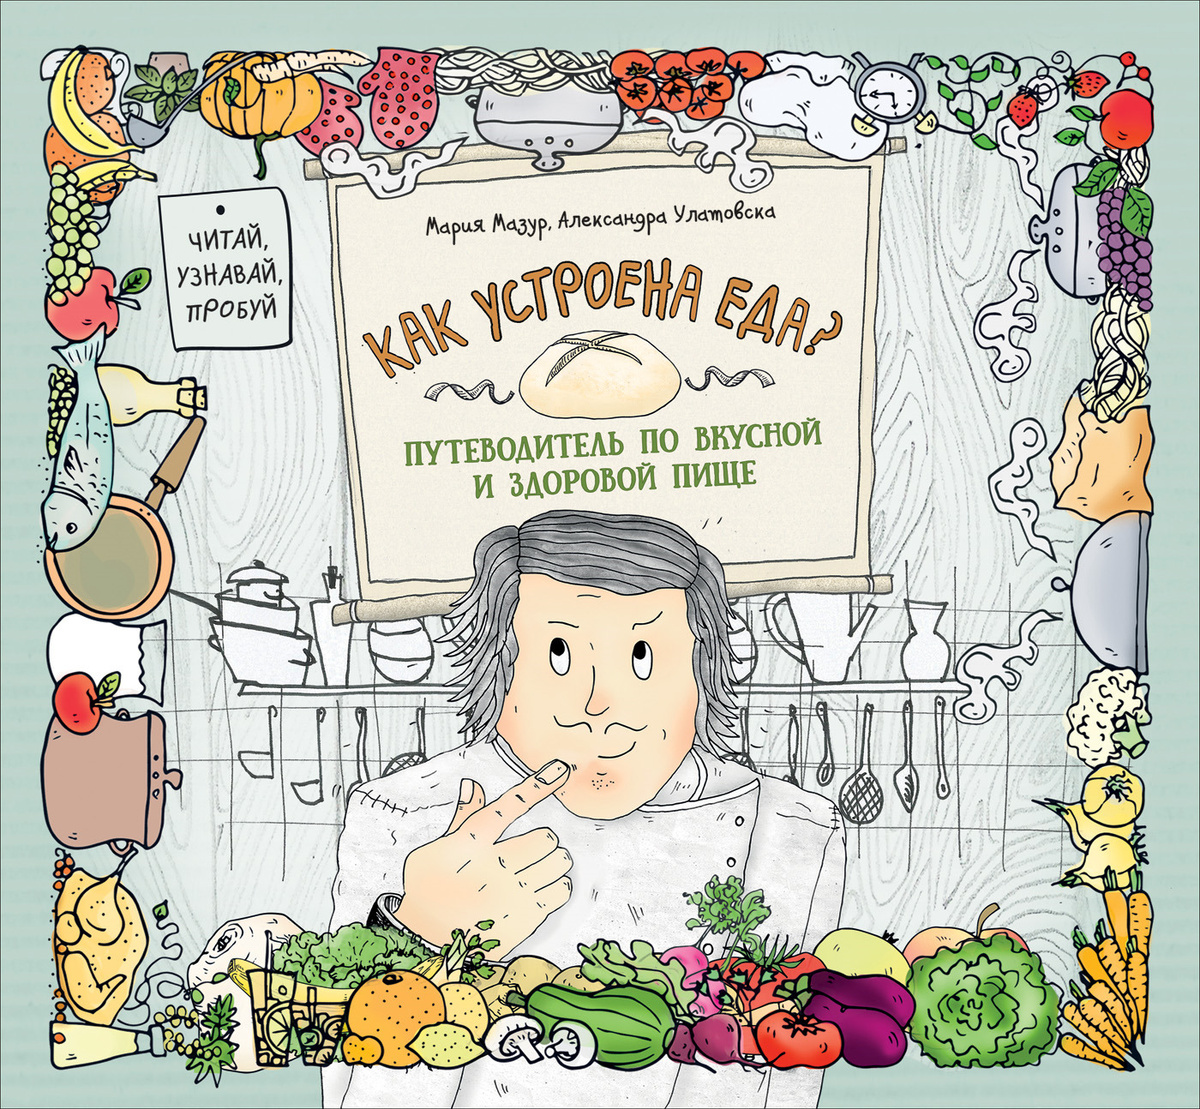 Как устроена еда? Путеводитель по вкусной и здоровой пище | Мазур Мария, Улатовска Александра  #1